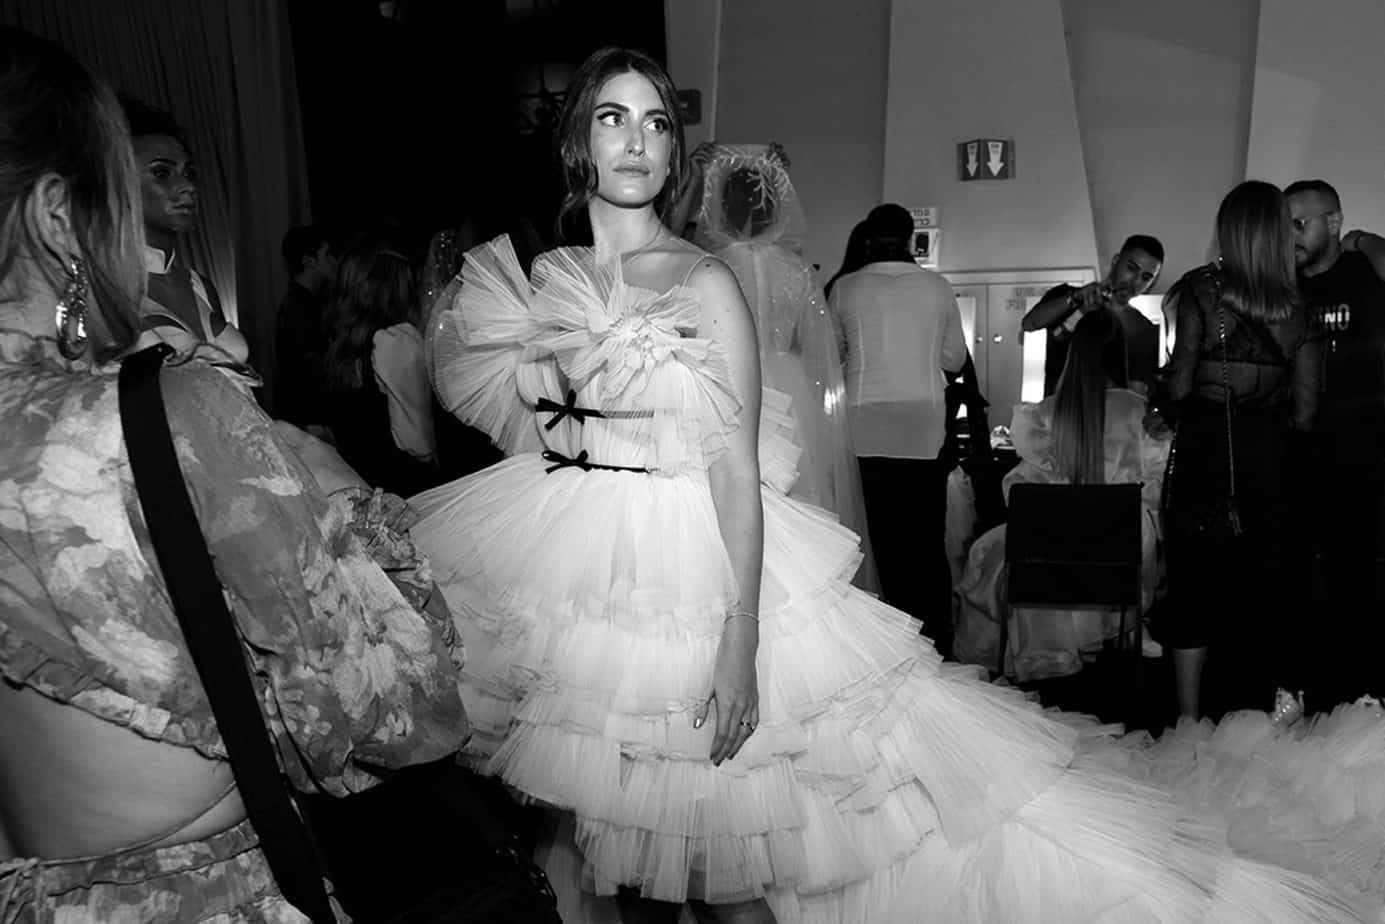 דנה זרמון בשמלת כלה של דילן פריאנטי. צילום: לימור יערי, אופנה, חדשות אופנה, כתבות אופנה, Fashiom Magazine, Fashion, Efifo ,מגזין אופנה, מגזין אופנה ישראלי, מגזיני אופנה ישראלים